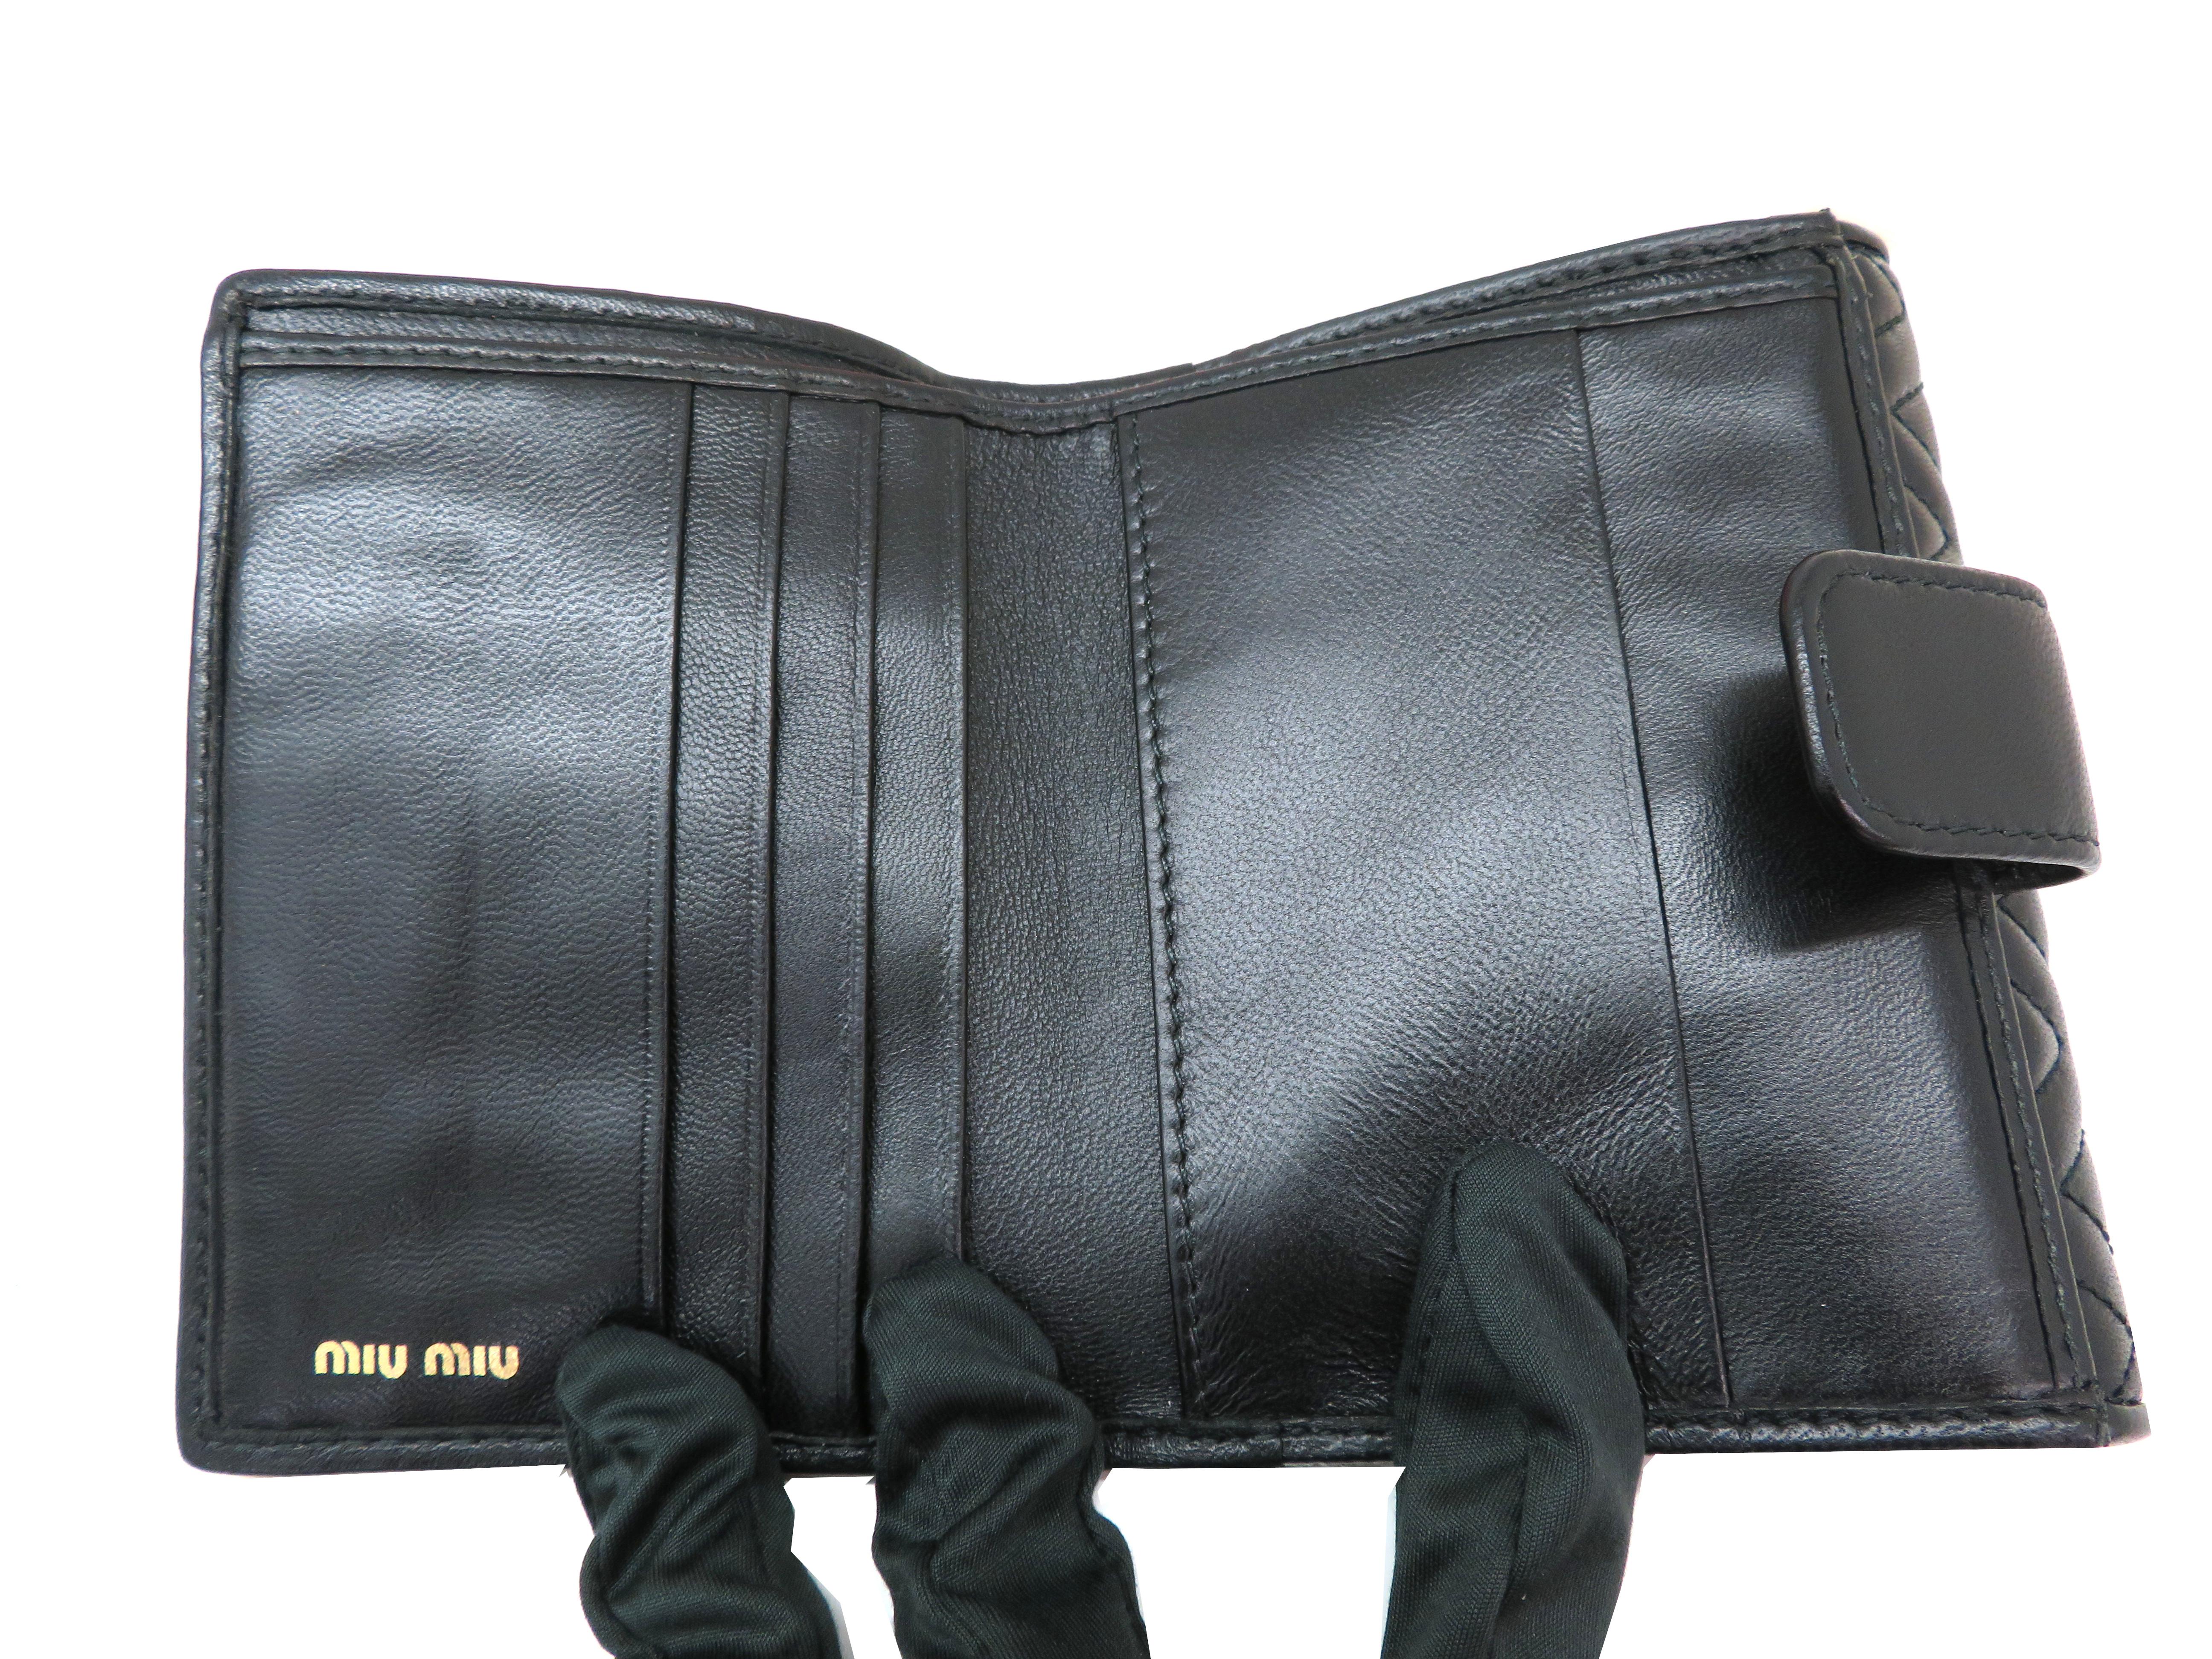 miumiu ミュウミュウ 財布 Wホックコンパクト財布 ブラック ラムスキン 5MH523 【204】 image number 5